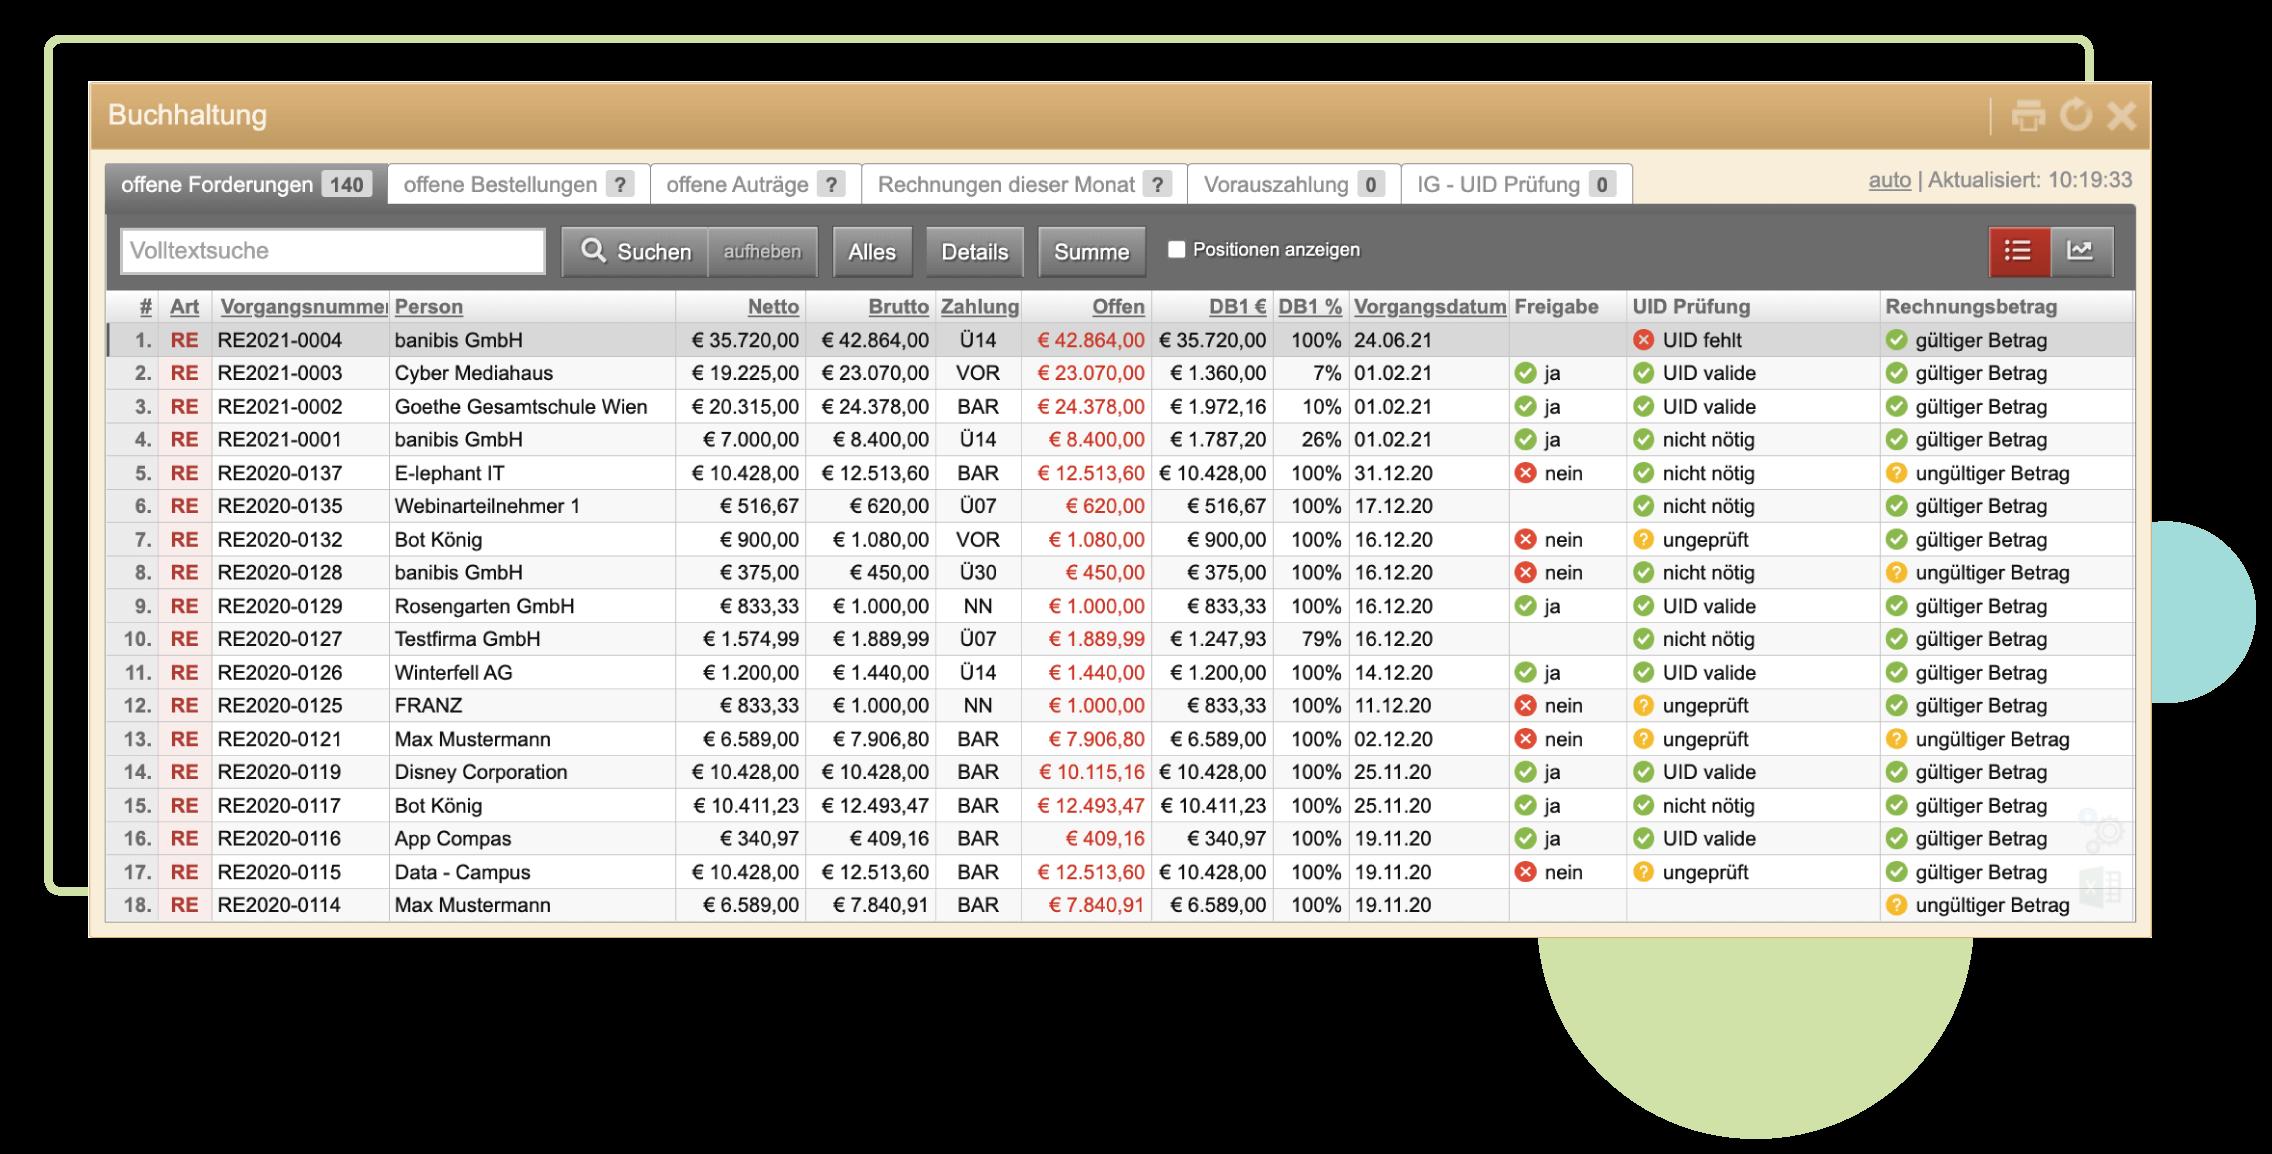 ERP-Screenshot auf dem die Verwenung der CHecks ersichtlich sind. Zum Beispiel UID valide/ UID fehlt